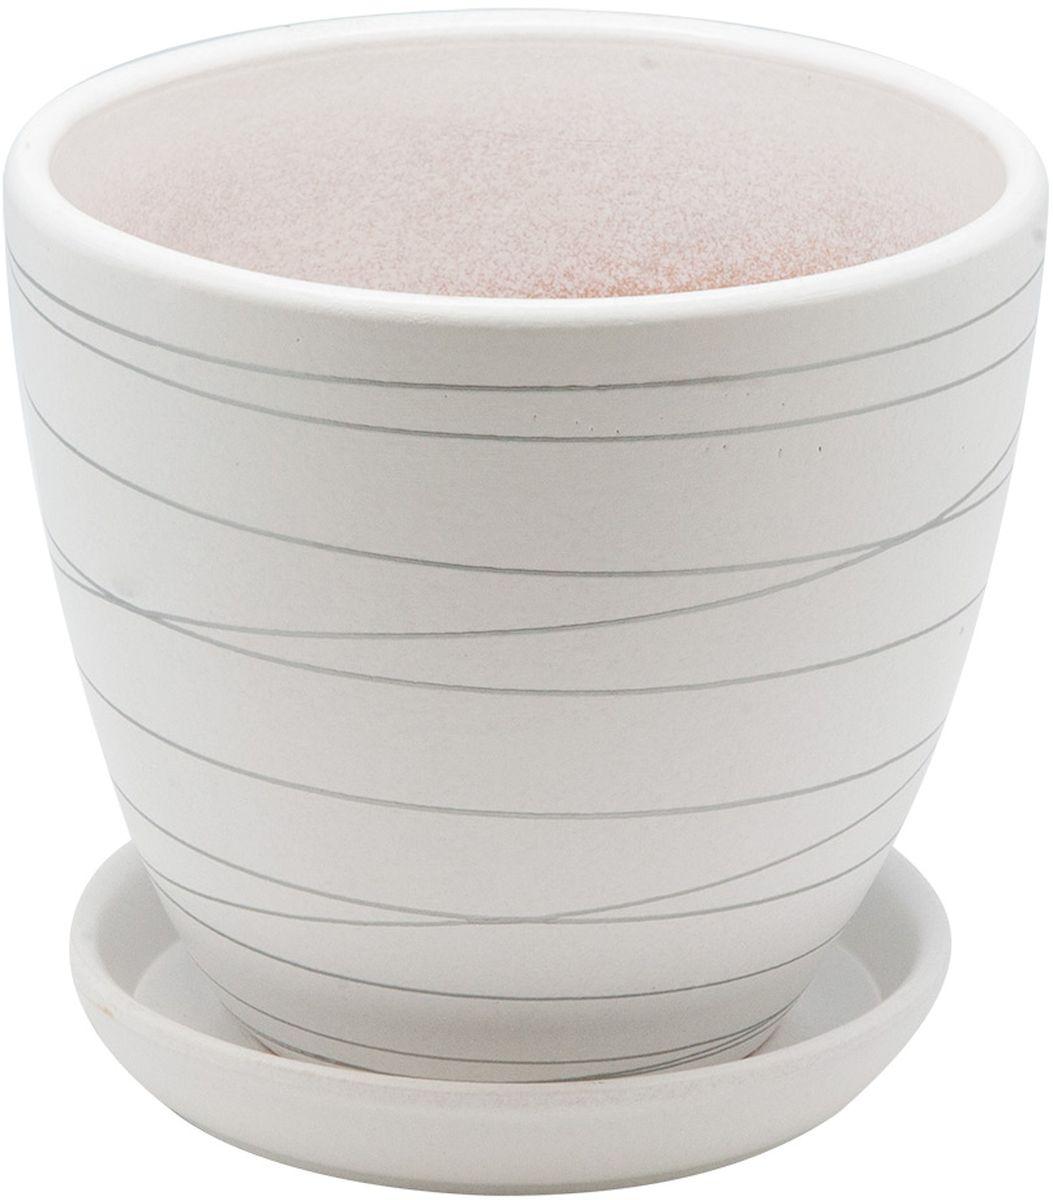 Горшок цветочный Engard, с поддоном, цвет: белый, серебристый, 2,4 лBH-04-2Керамический горшок Engard - это идеальное решение для выращивания комнатных растений и создания изысканности в интерьере. Керамический горшок сделан из высококачественной глины в классической форме и оригинальном дизайне.Объем: 2,4 л.